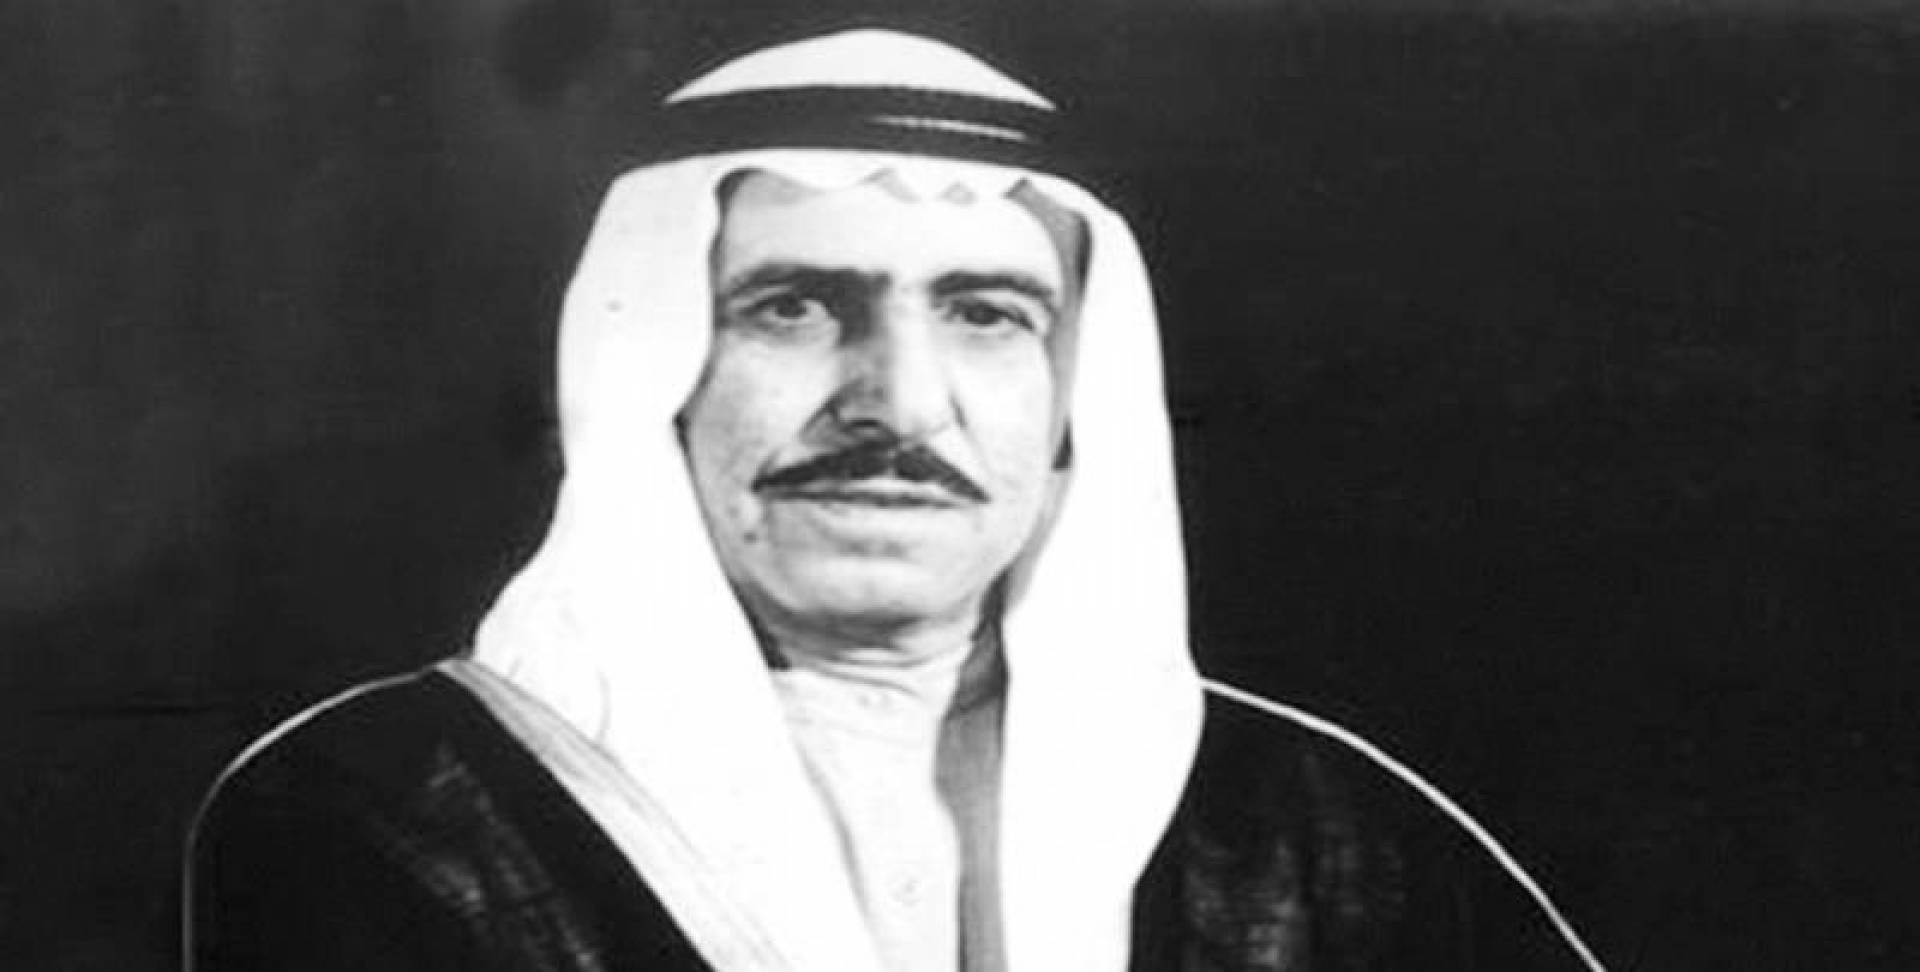 1974| أمير البلاد الشيخ صباح السالم: لا خلافات بين أفراد الأسرة الحاكمة.. ووجود المعارضة أمر ضروري في النظام الديموقراطي